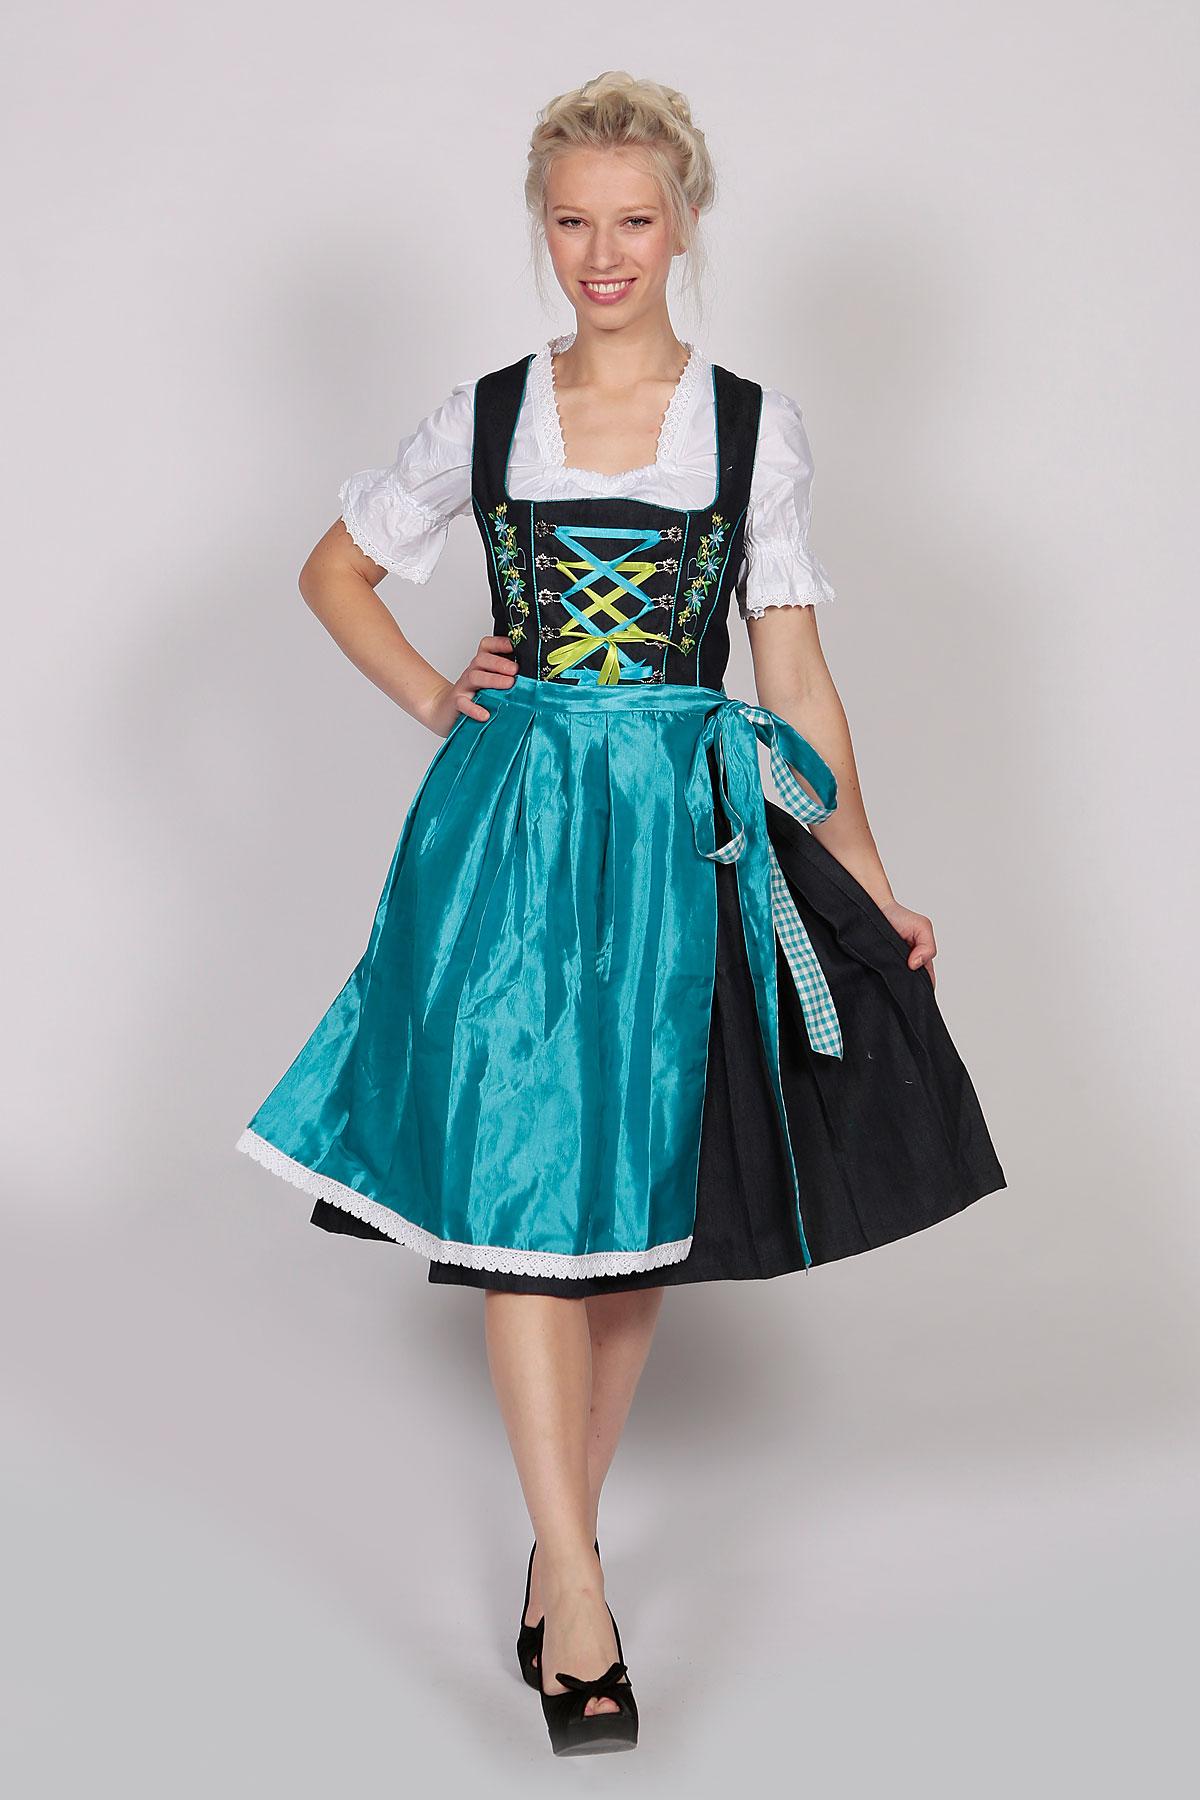 9a6508af4fca4 Home   Oktoberfest Sale on Lederhosen and Dirndl   Dirndl Sale